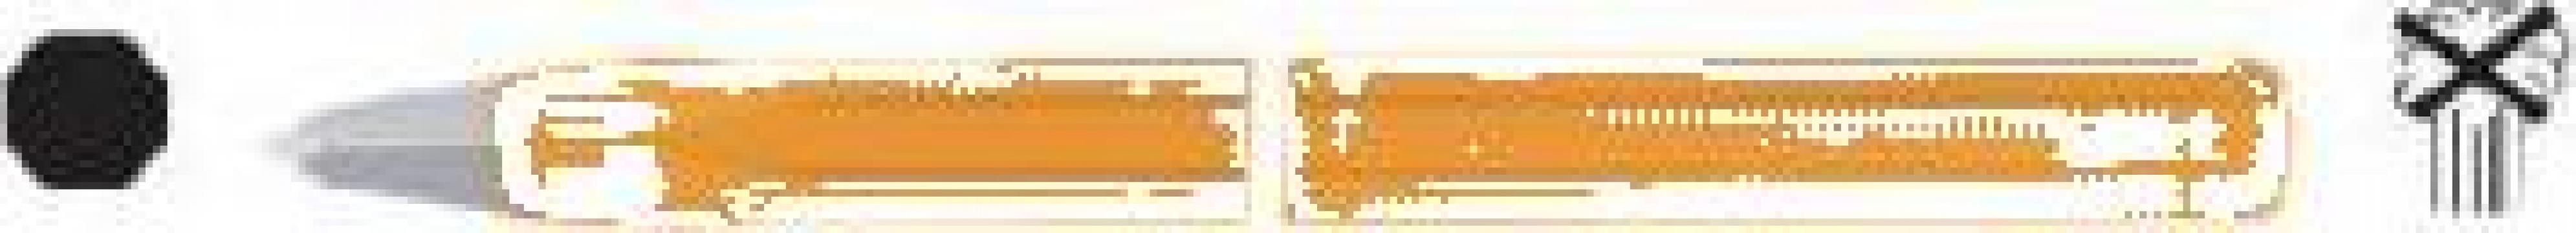 Dalta de rosturi pentru piatra 1404-016 de la Nascom Invest